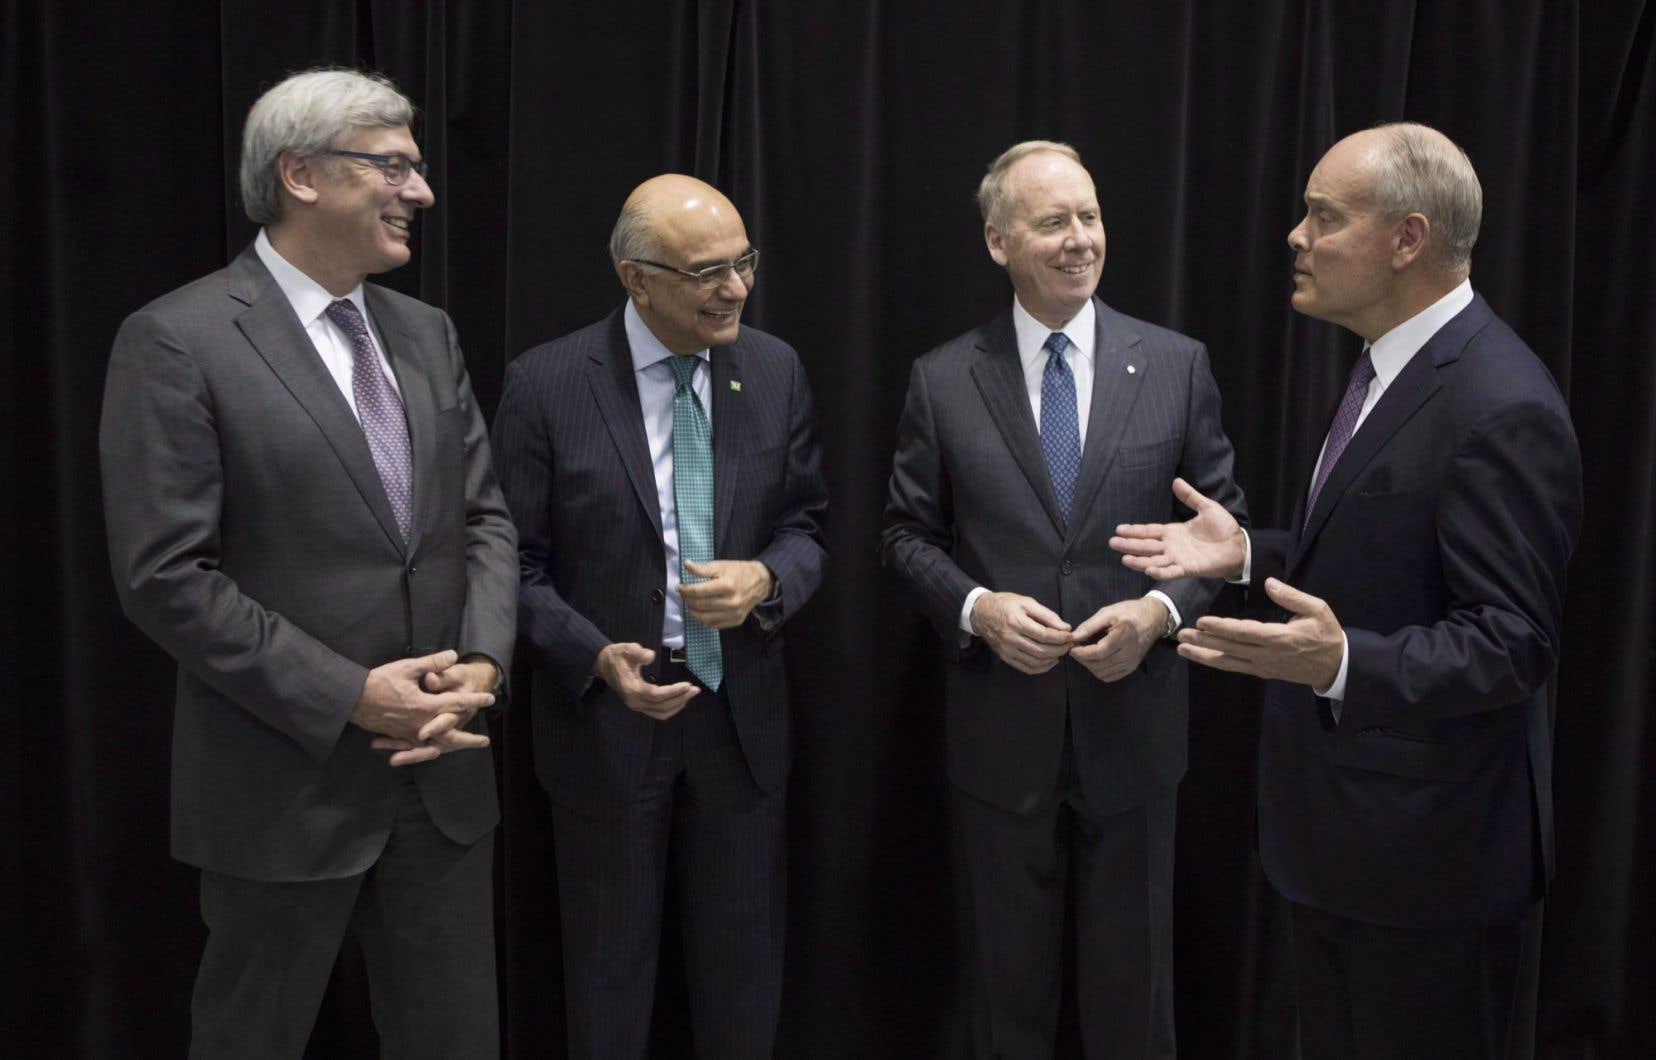 De gauche à droite, le président et chef de la direction de la Banque Royale, David McKay (gauche), en compagnie de ses homologues Bharat Masrani (TD), Bill Downe (BMO) et Brian Porter (Banque Scotia), le 9 mars 2017.